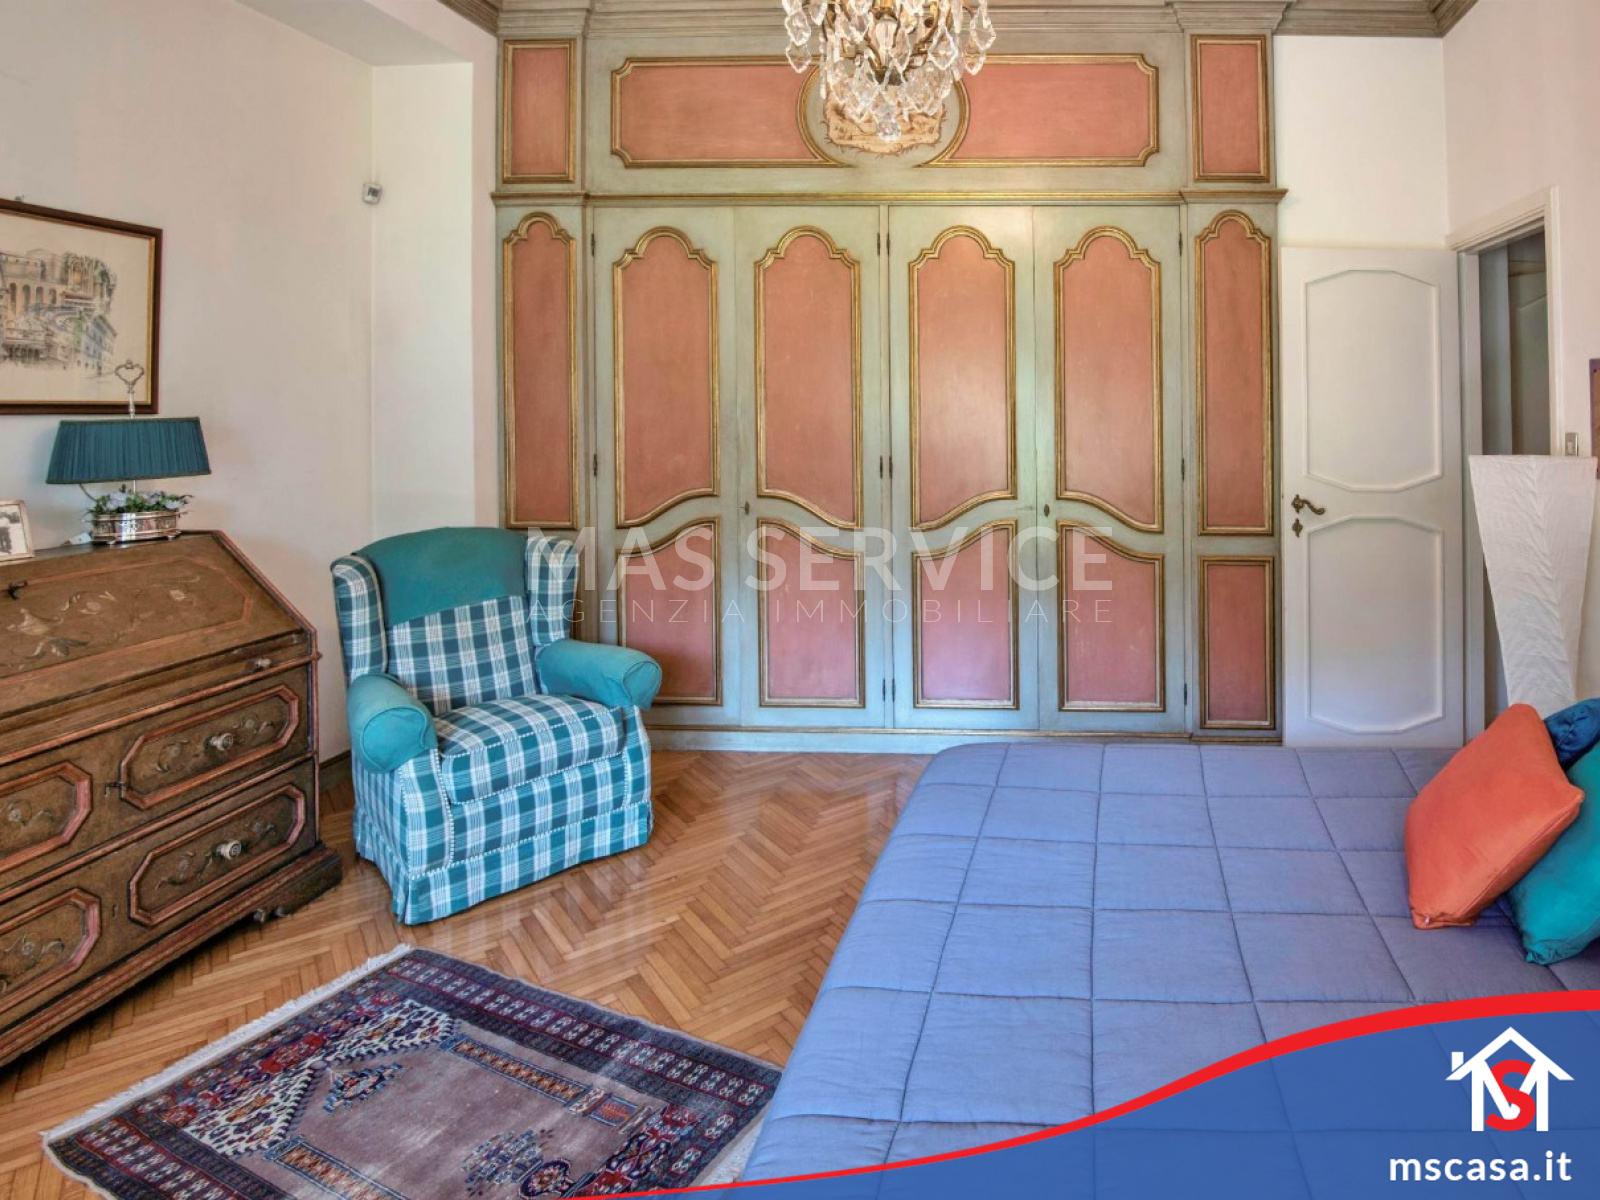 Quadrilocale in vendita zona Laurentina a Roma Vista  Camera da letto dettaglio Armadio